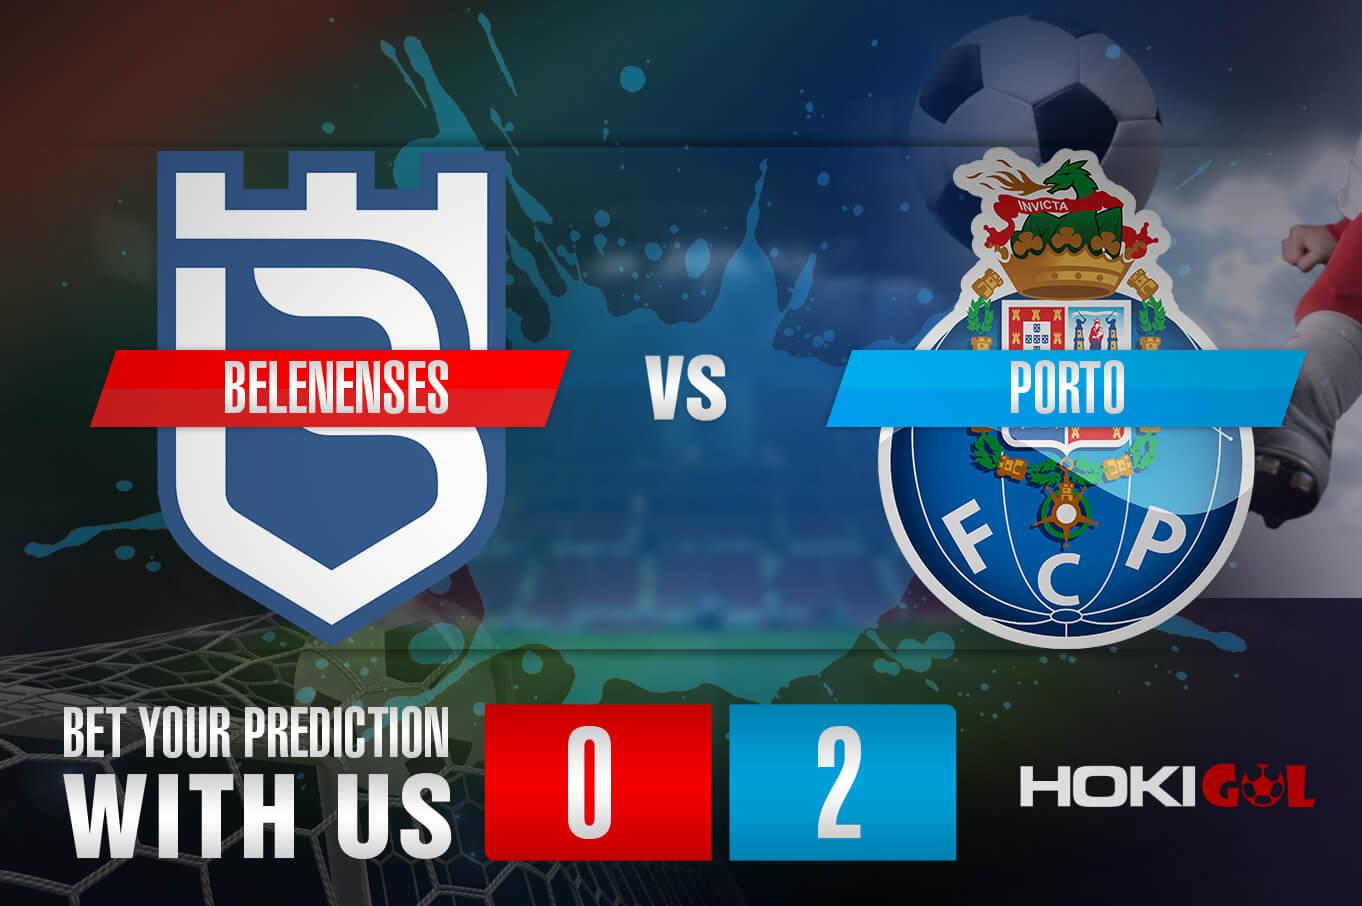 Prediksi Bola Belenenses Vs Porto 5 Februari 2021